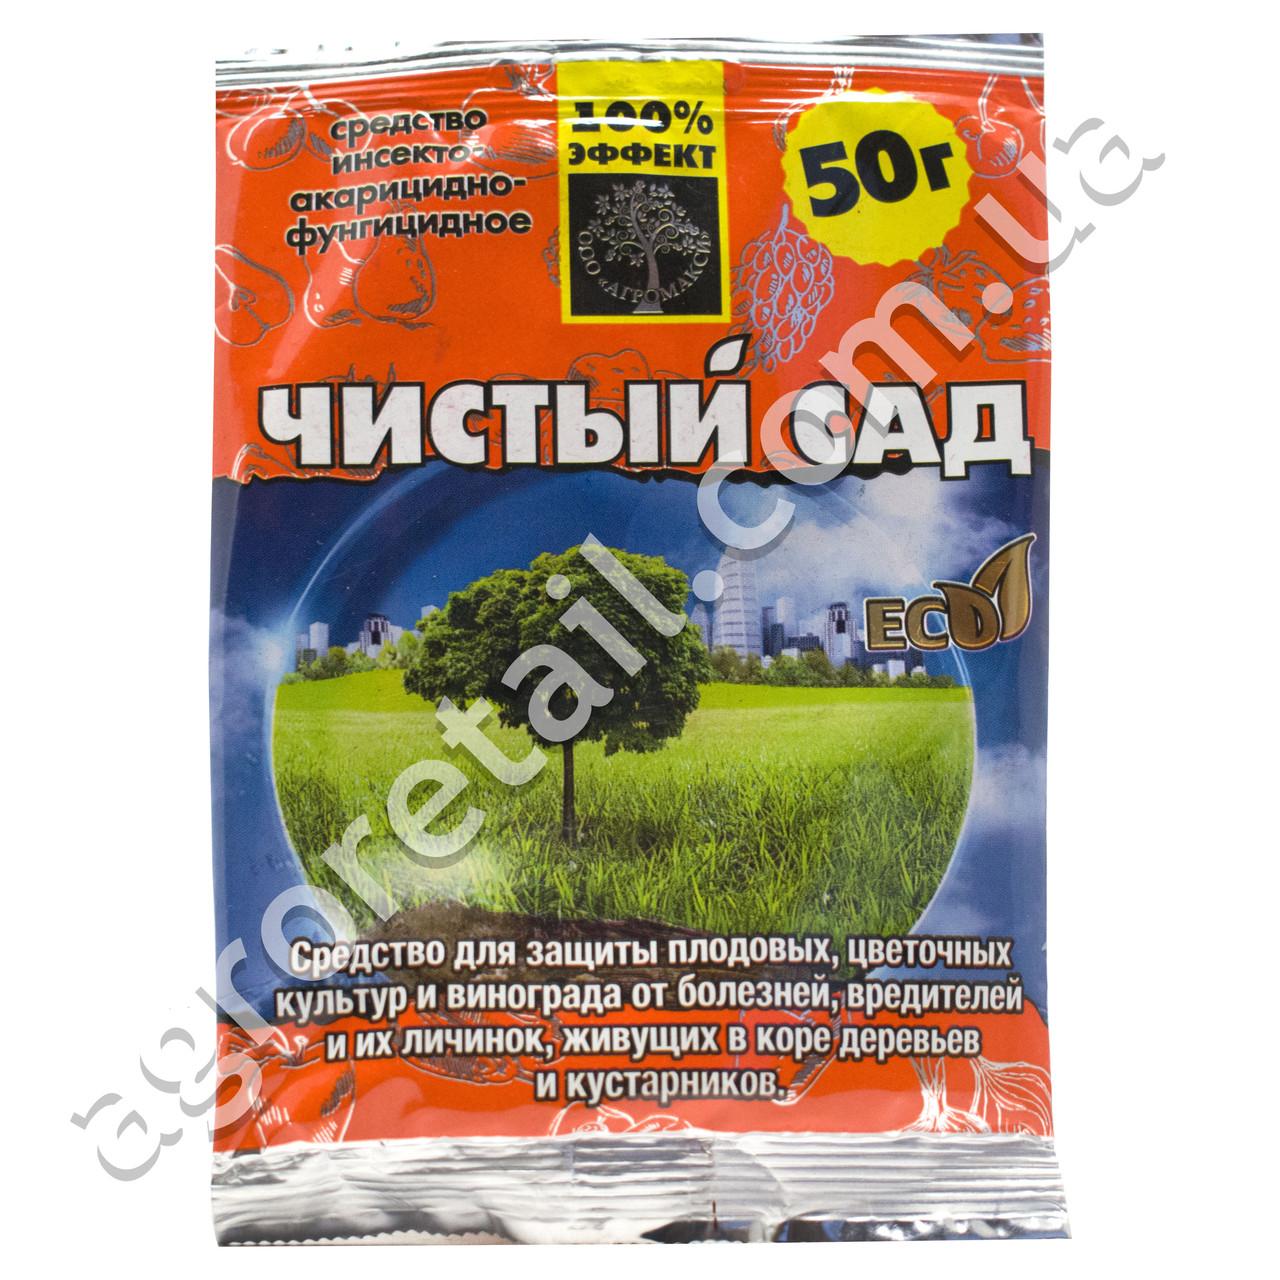 Инсектофунгицид Чистый сад с.п 50 г